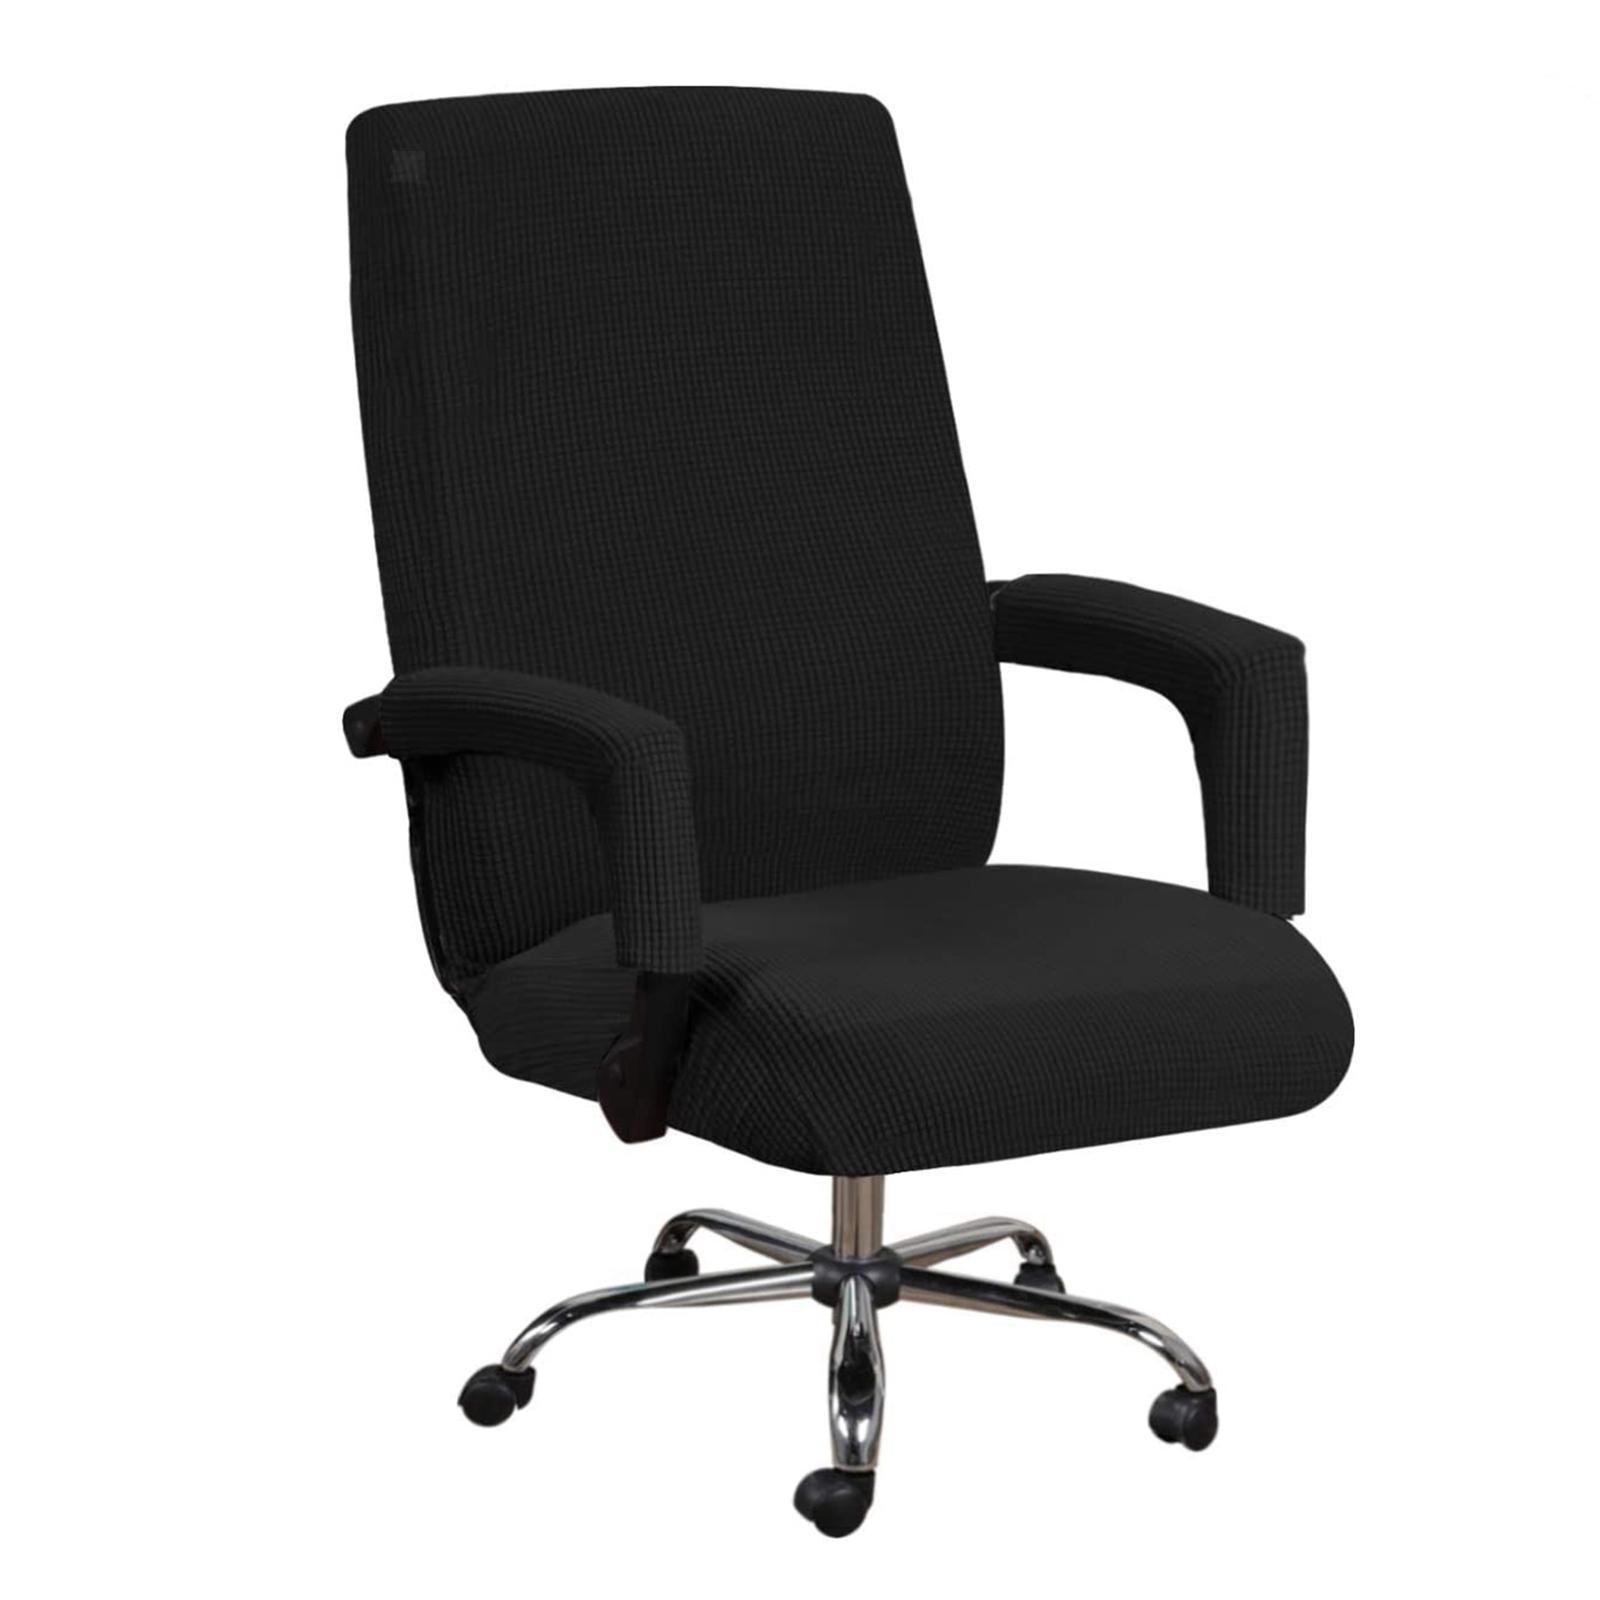 miniature 12 - Housses de chaise de bureau contemporaines à dossier haut et 2 housses de bras